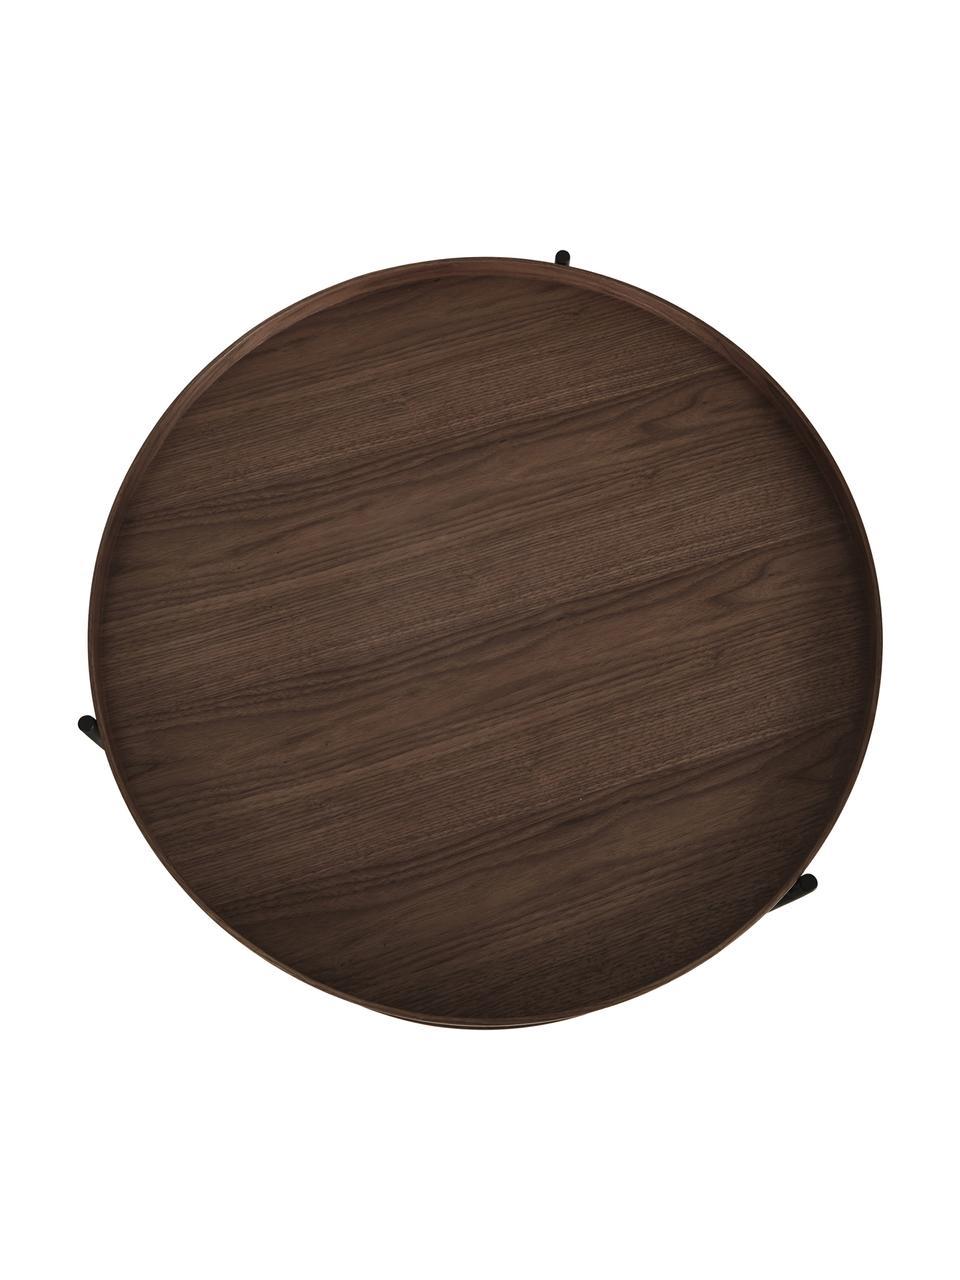 Couchtisch Renee mit Ablagefach, Gestell: Metall, pulverbeschichtet, Braun, Ø 69 x H 39 cm